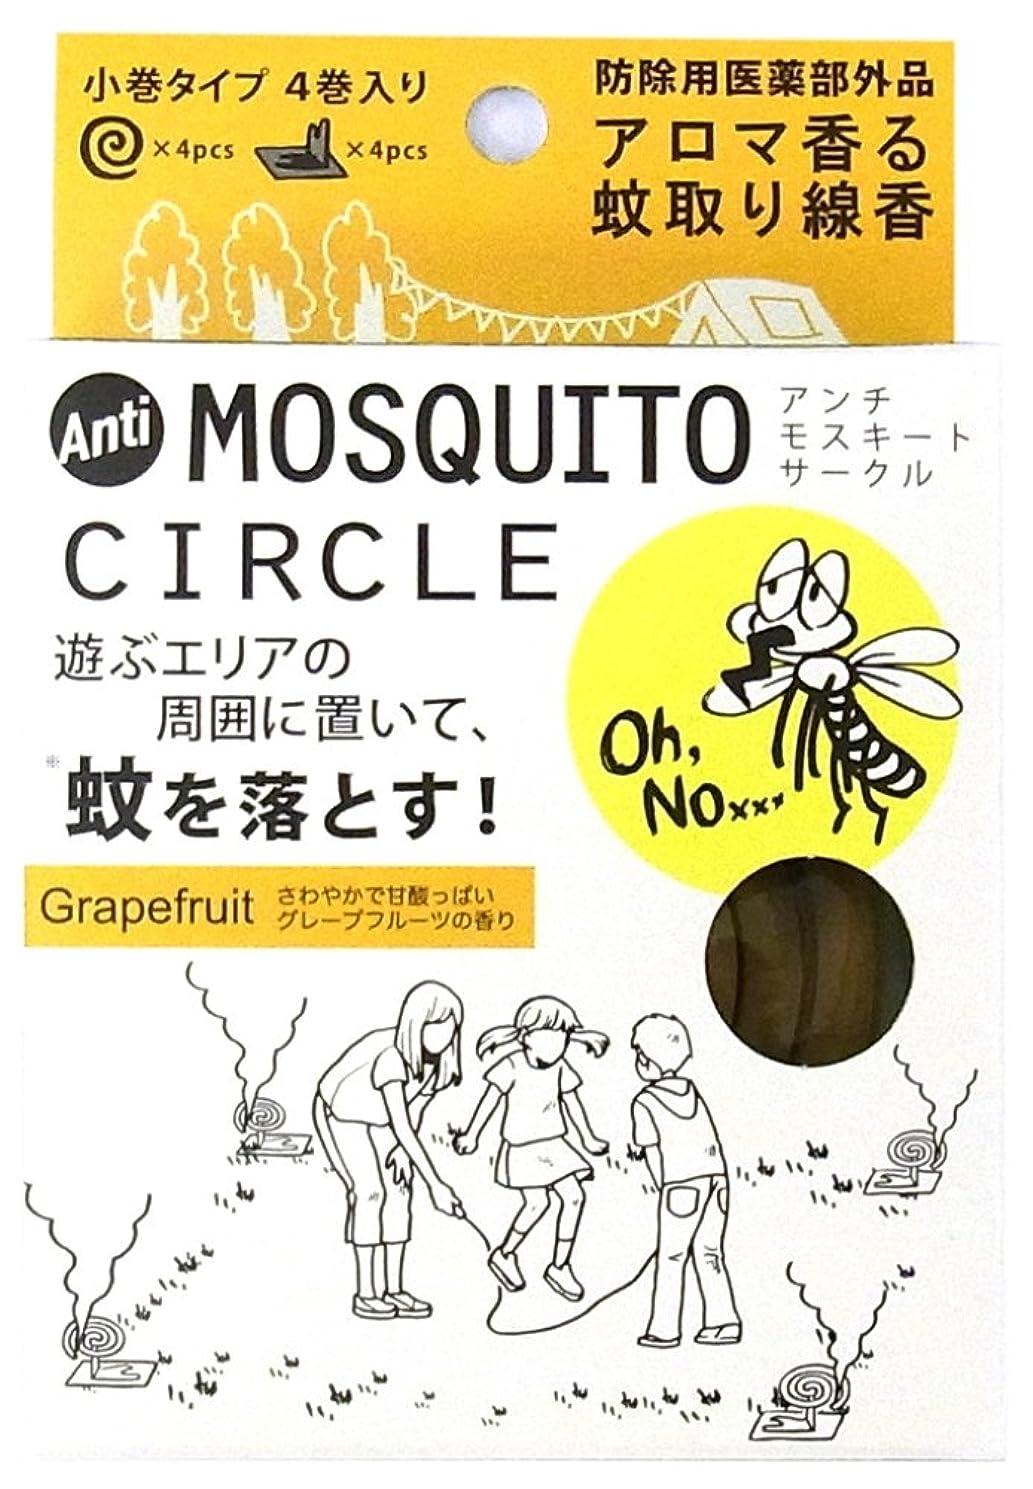 ノルコーポレーション 蚊取り線香 アンチモスキートサークル 4巻 スタンドセット グレープフルーツの香り QBZ-1-01